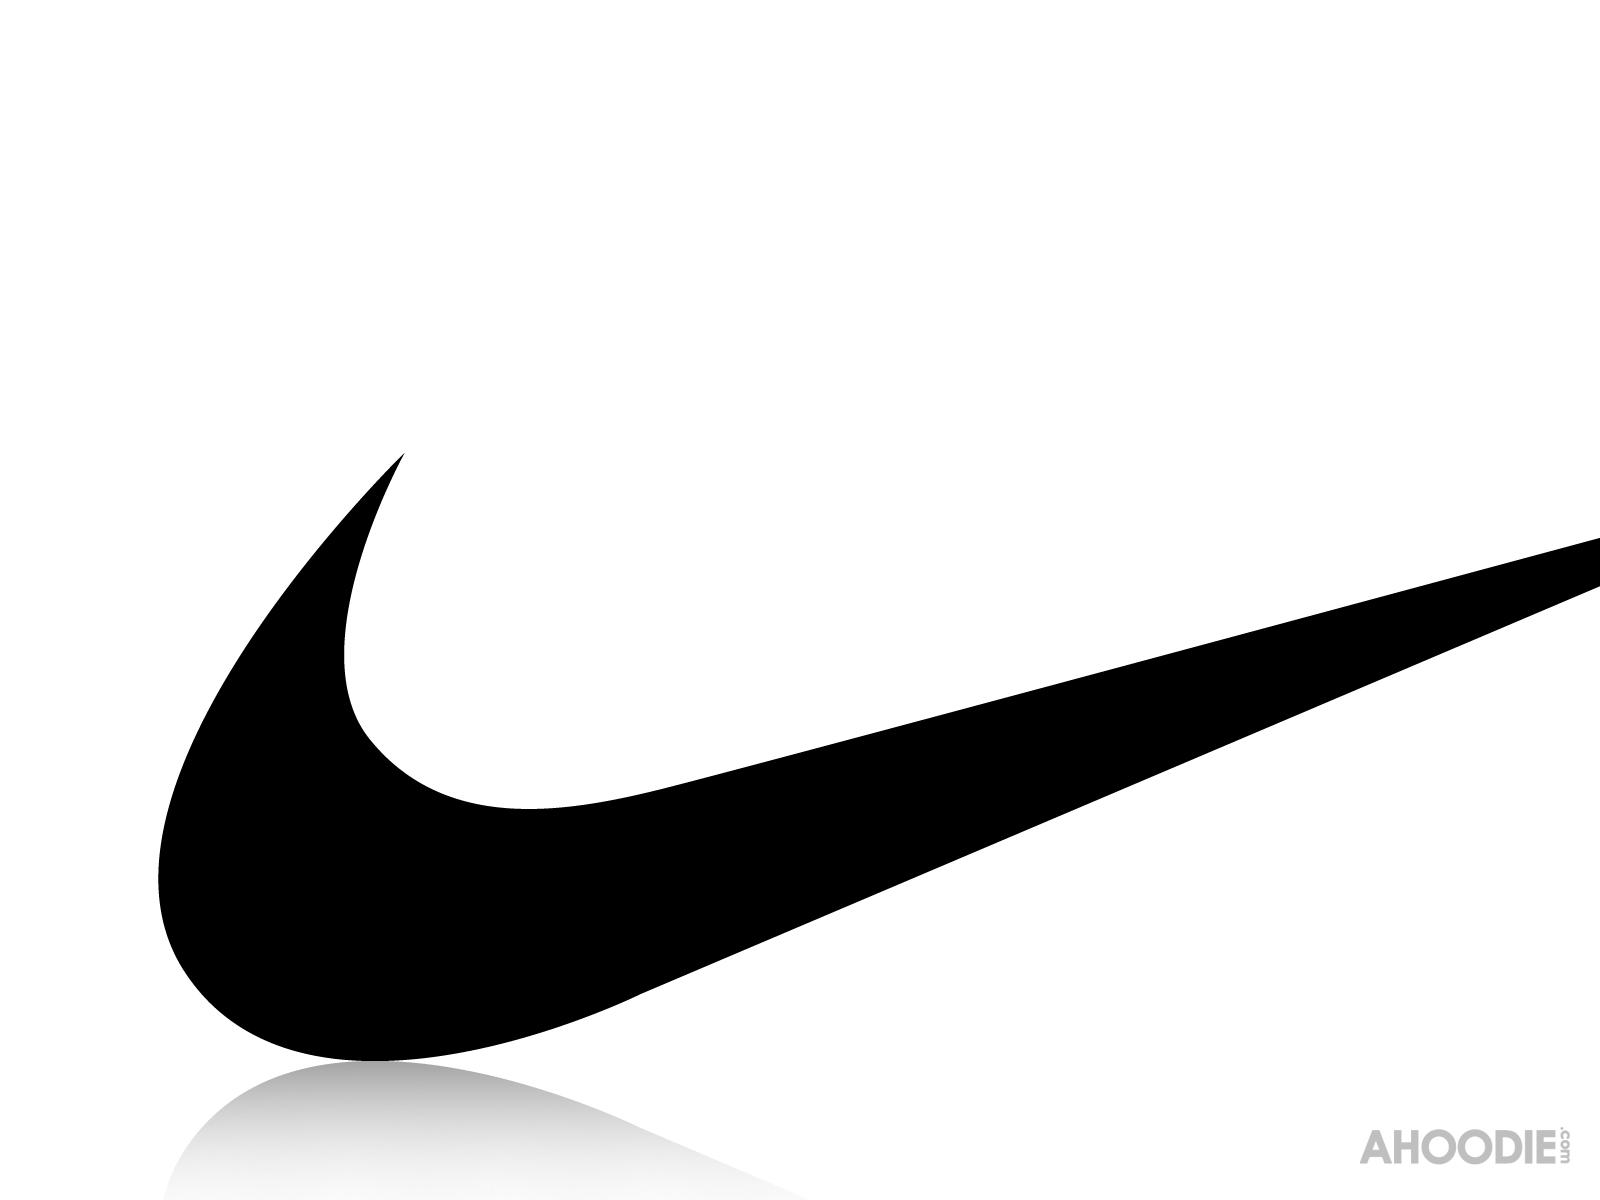 Nike Wallpaper ImageBankbiz 1600x1200